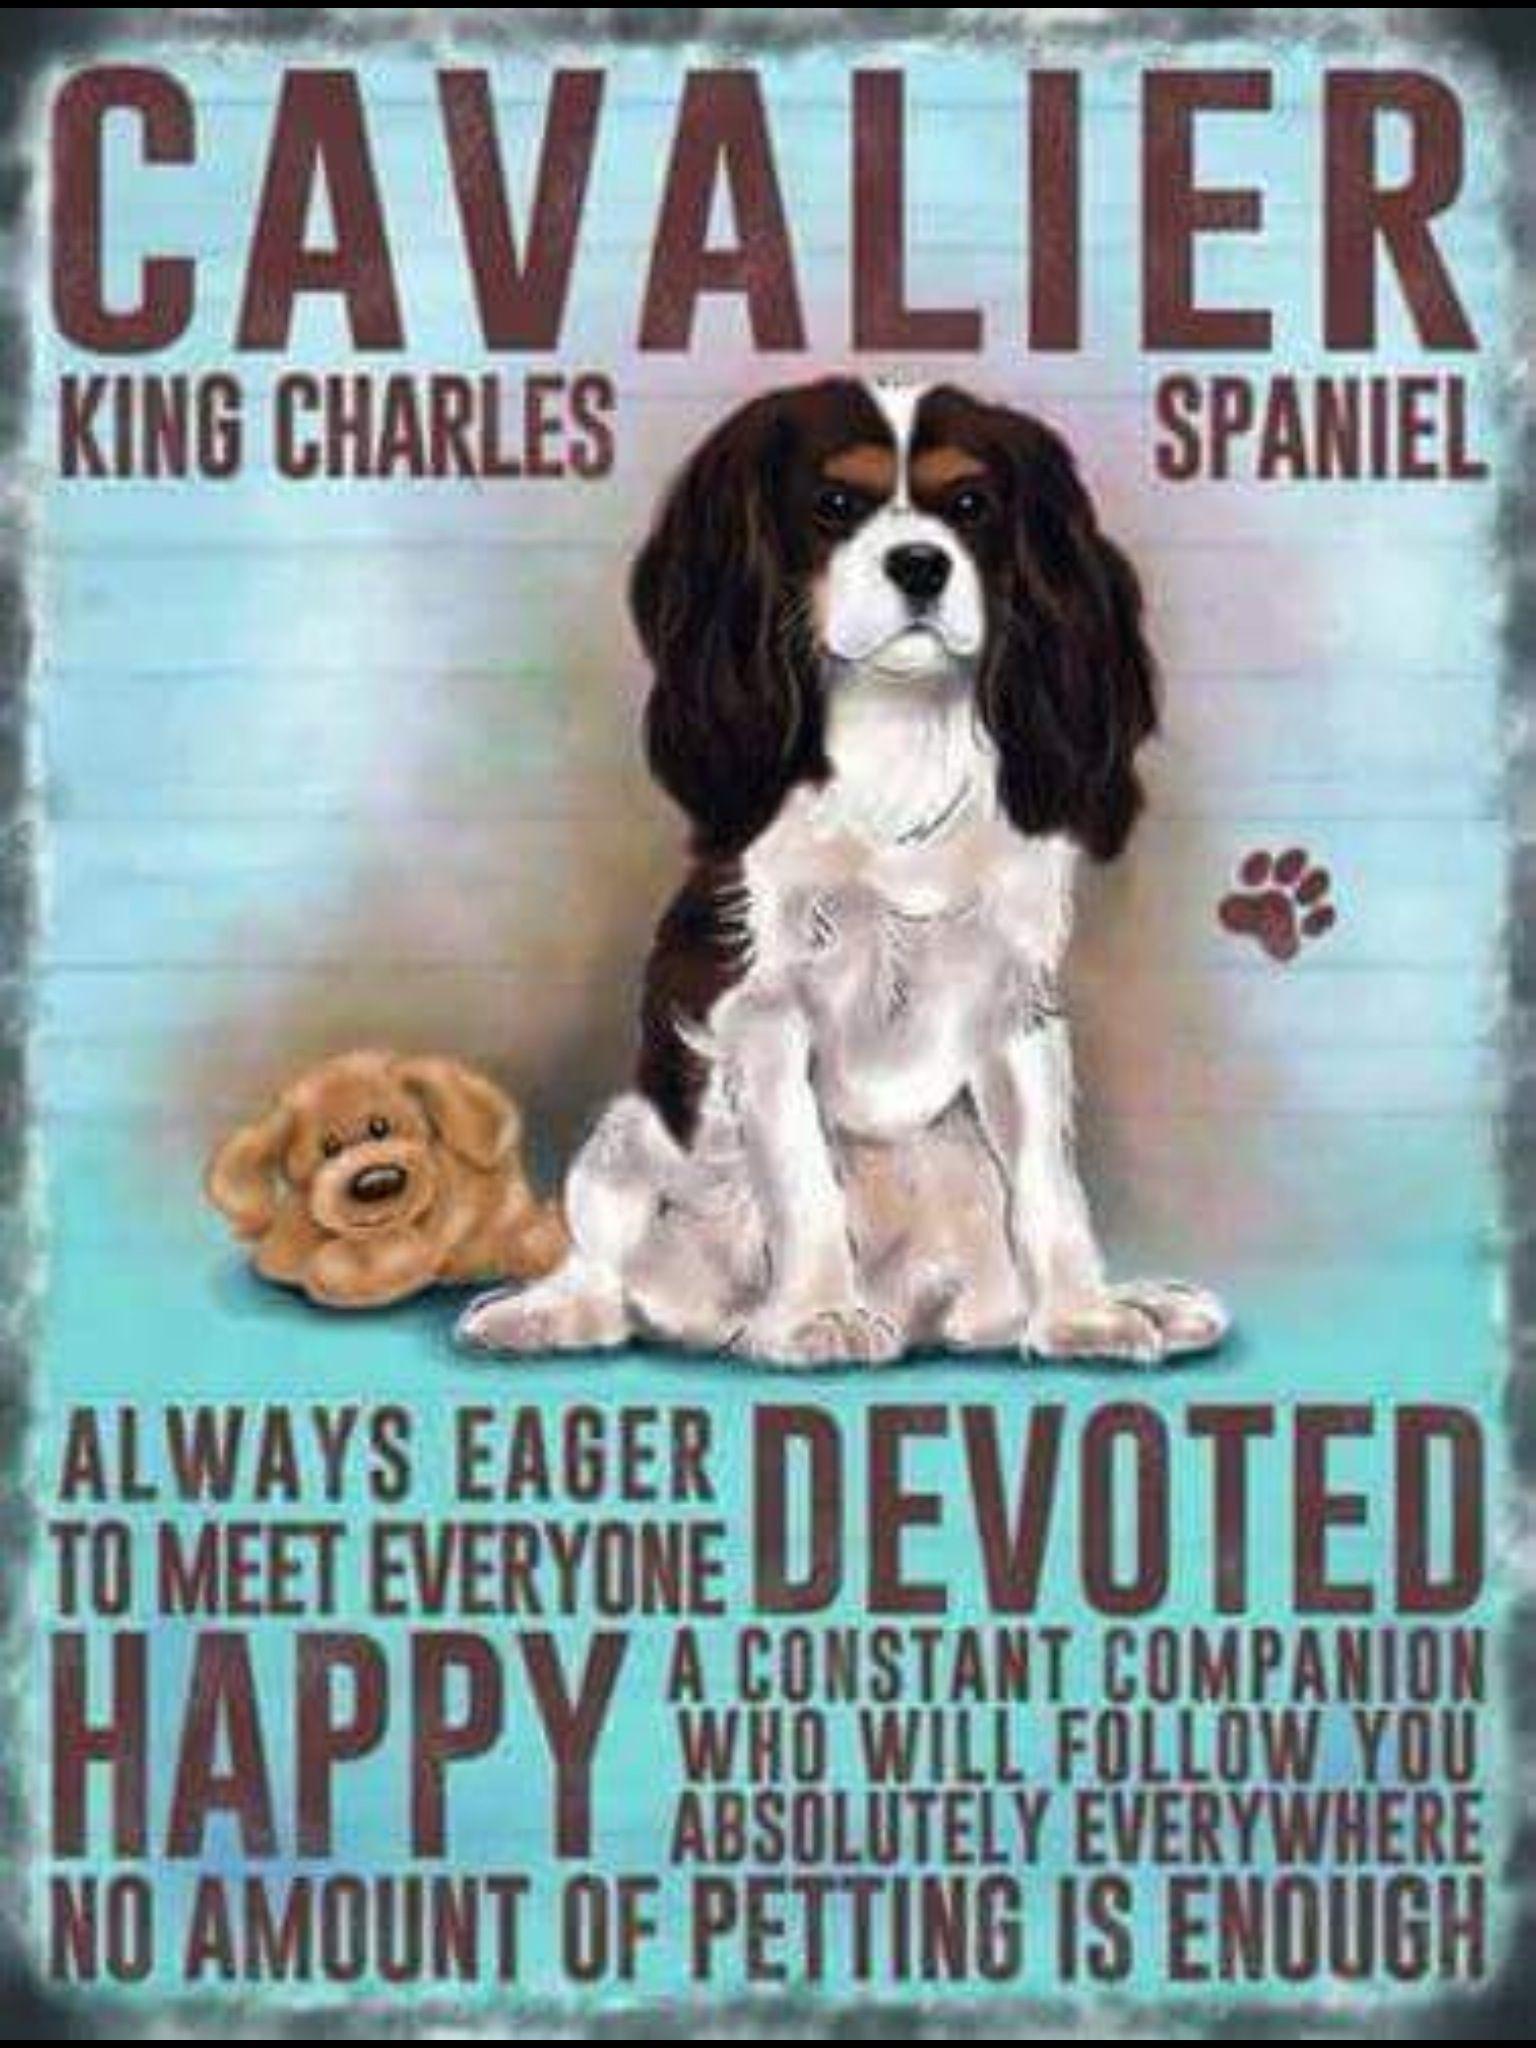 Blenheim Cavalier King Charles Spaniel Dog Funny Fridge Magnet Christmas Gift